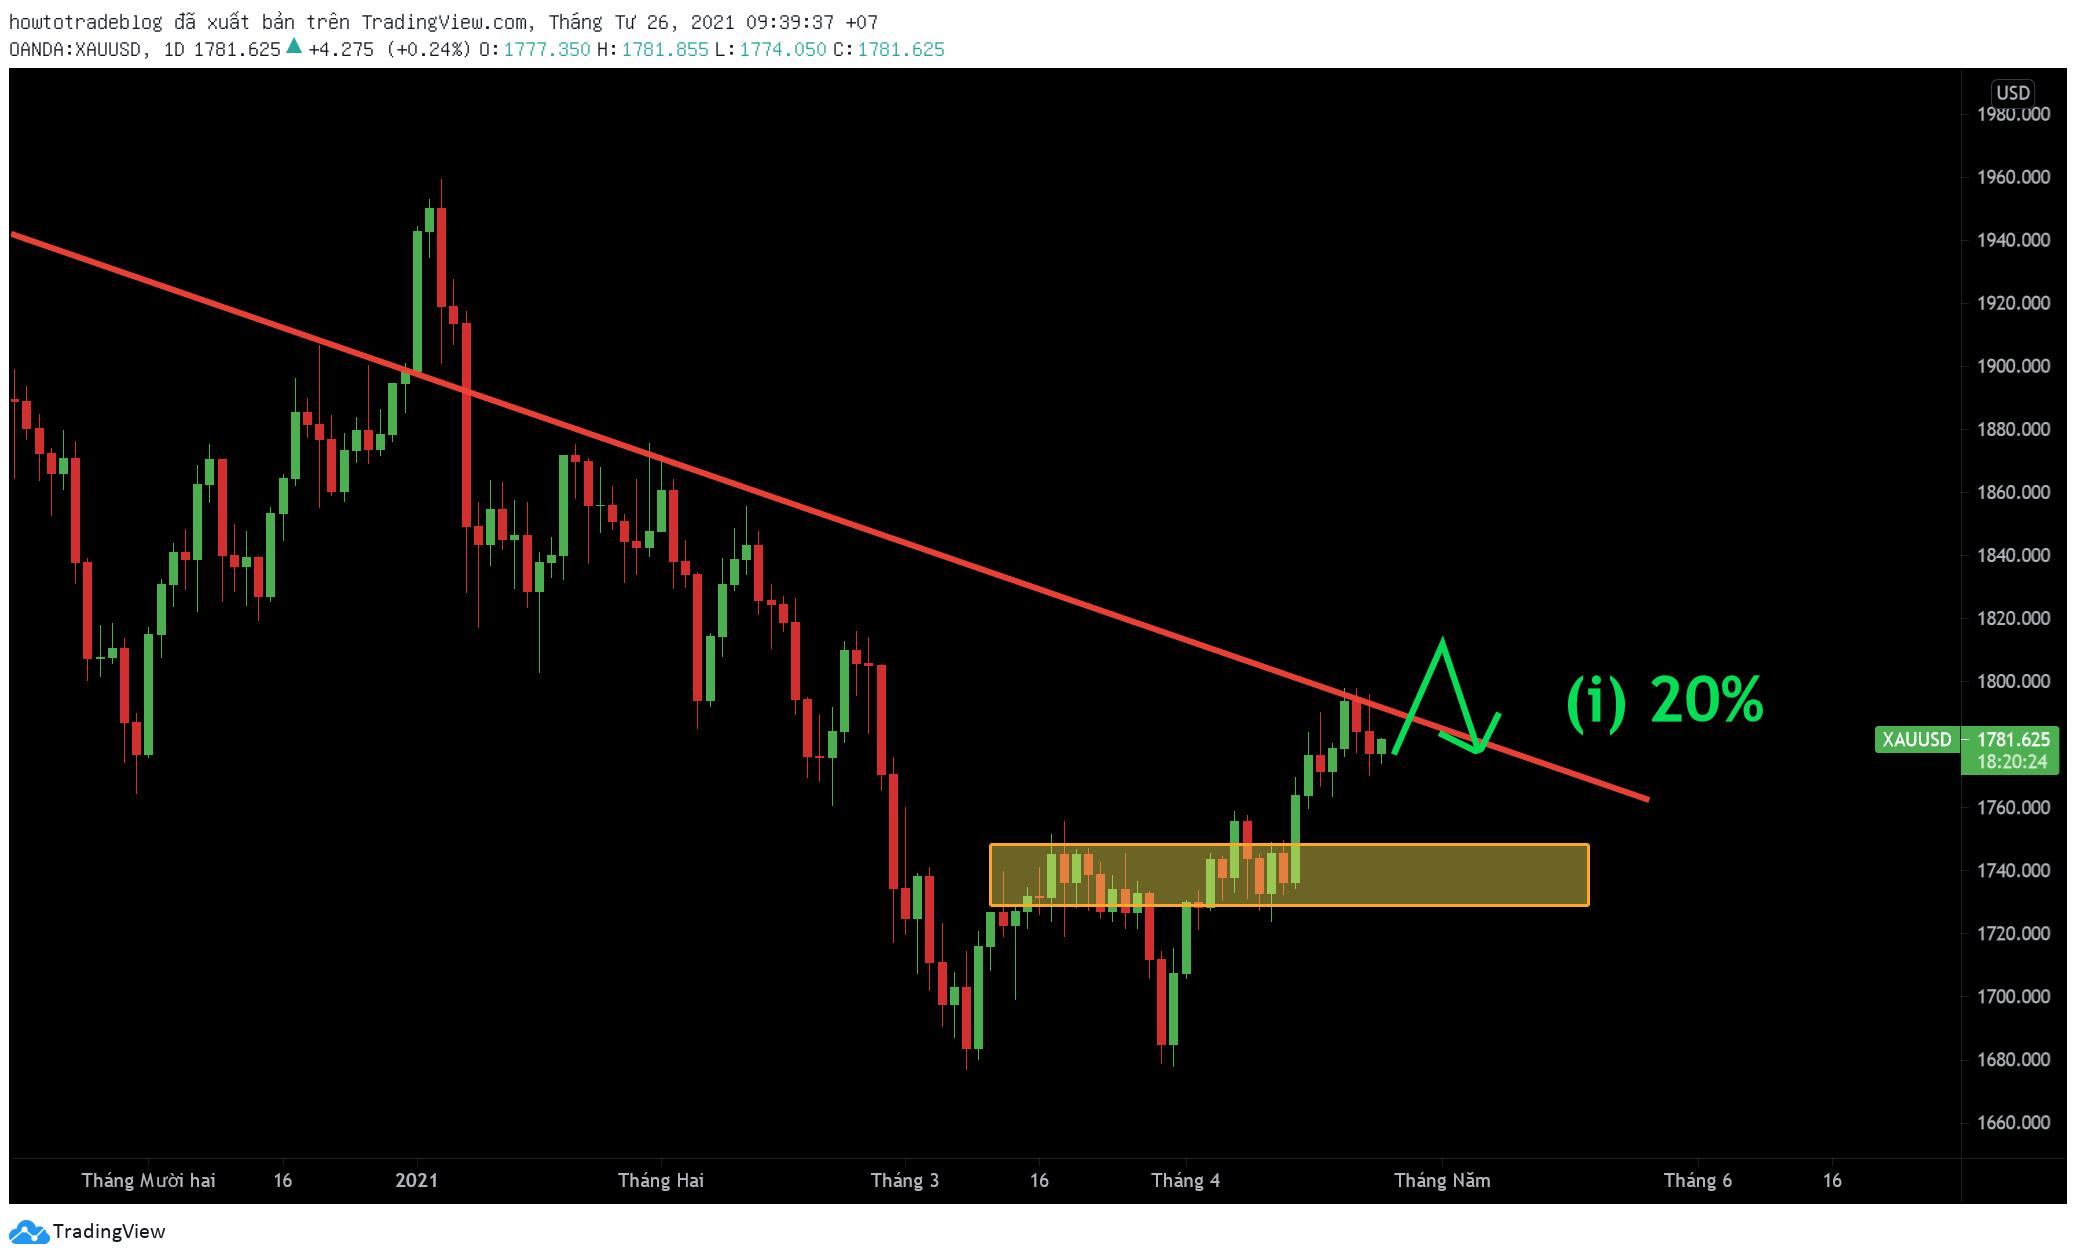 Vàng tăng đầu tuần sau đó giảm trở lại